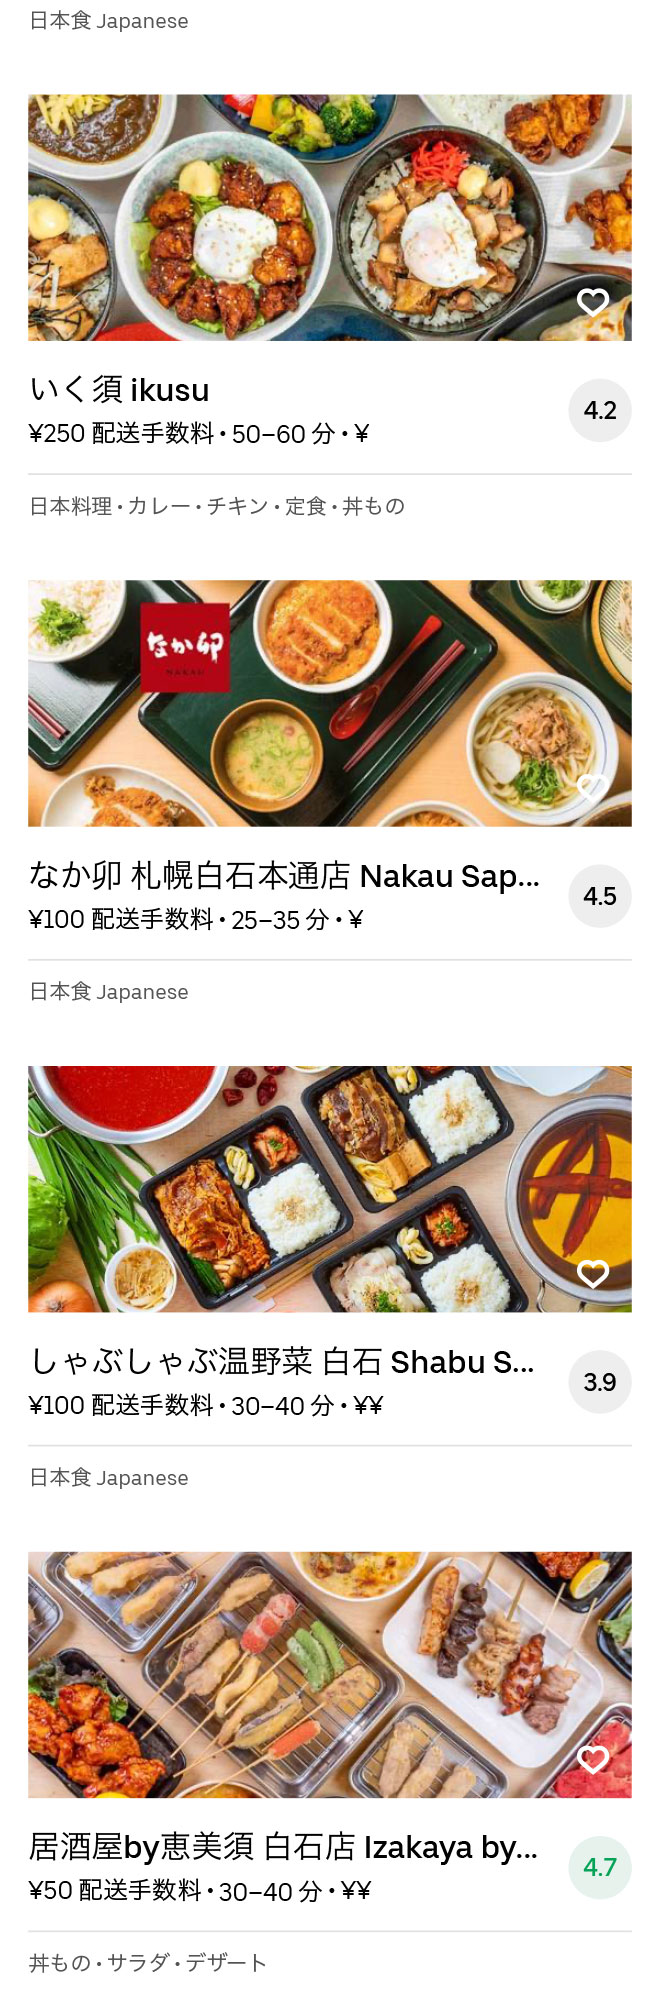 Nango7 menu 2008 03